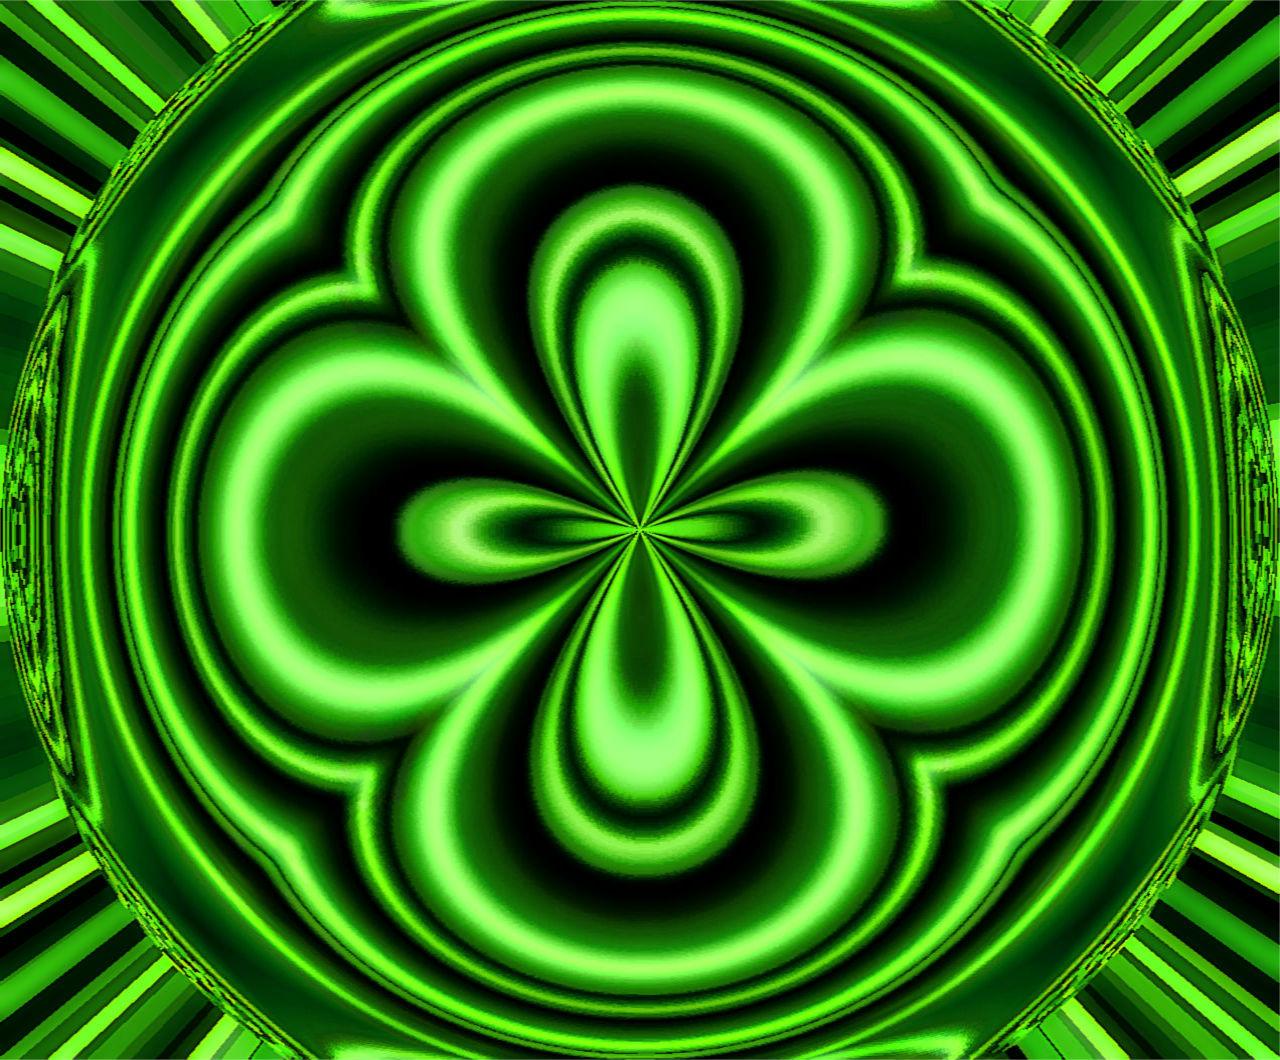 Four Leaf Clover Desktop Wallpaper Download